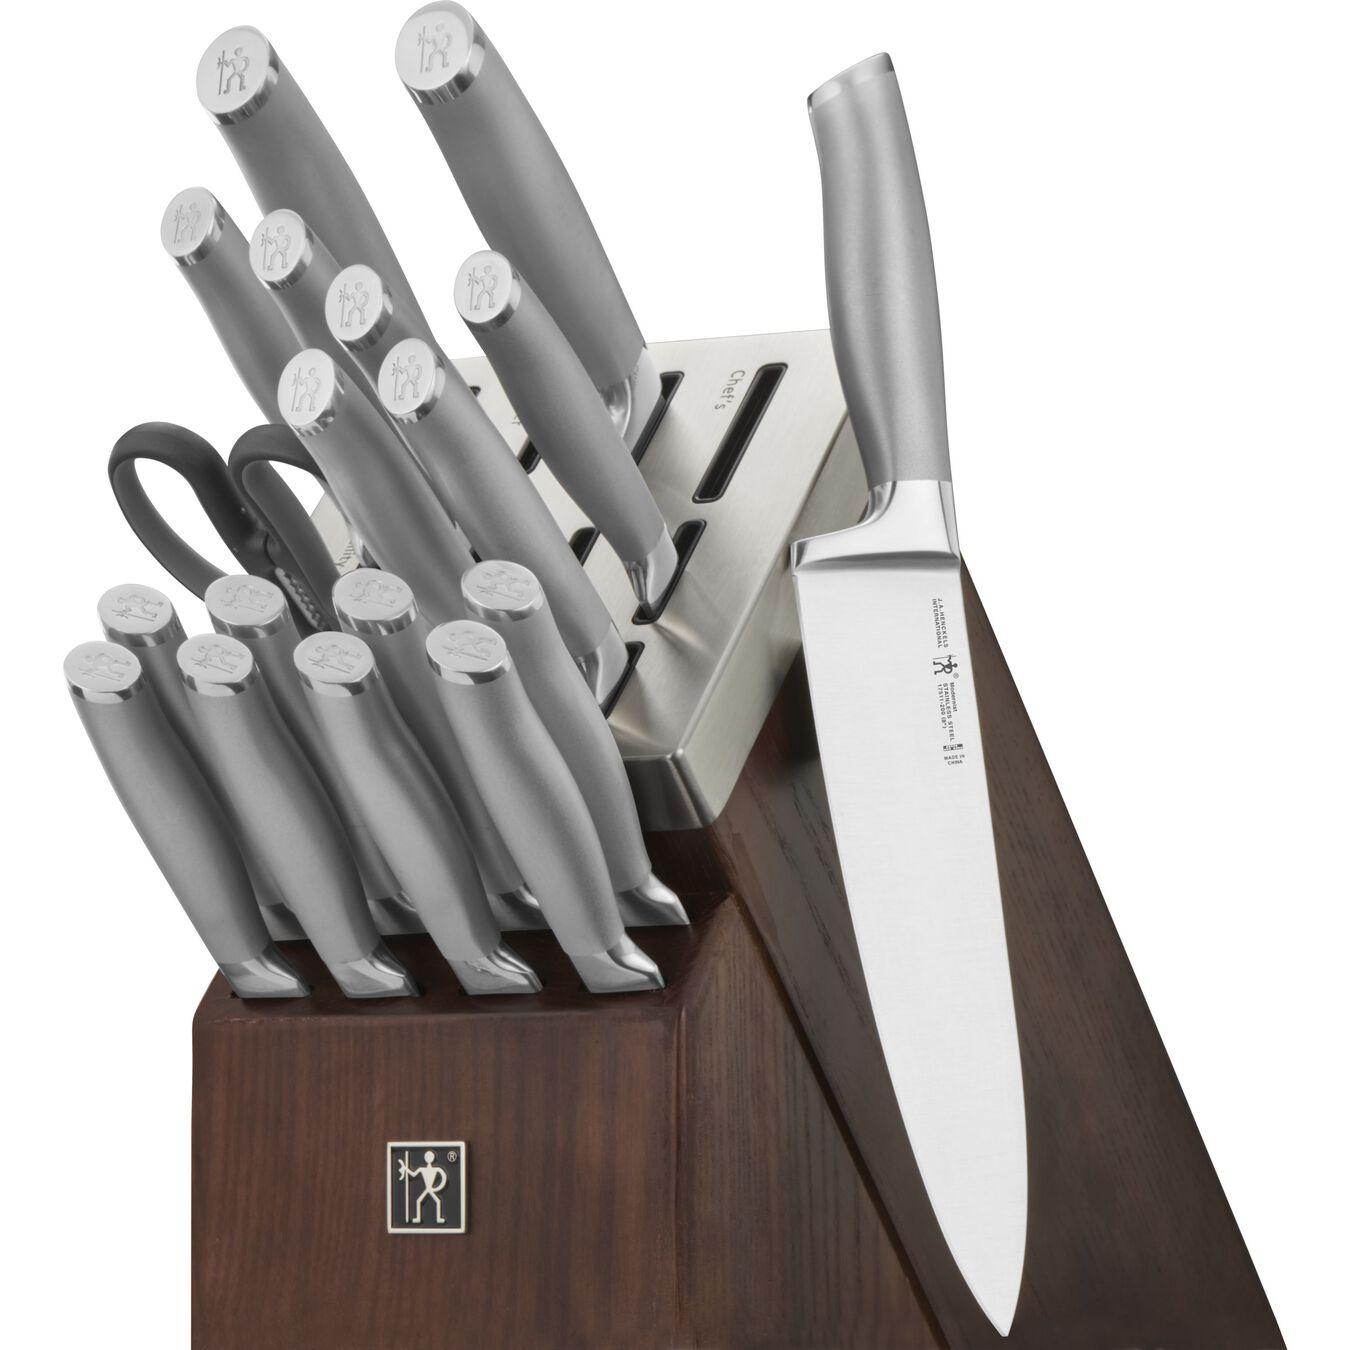 Henckels Modernist 20 Pc Knife Block Set Official Zwilling Shop